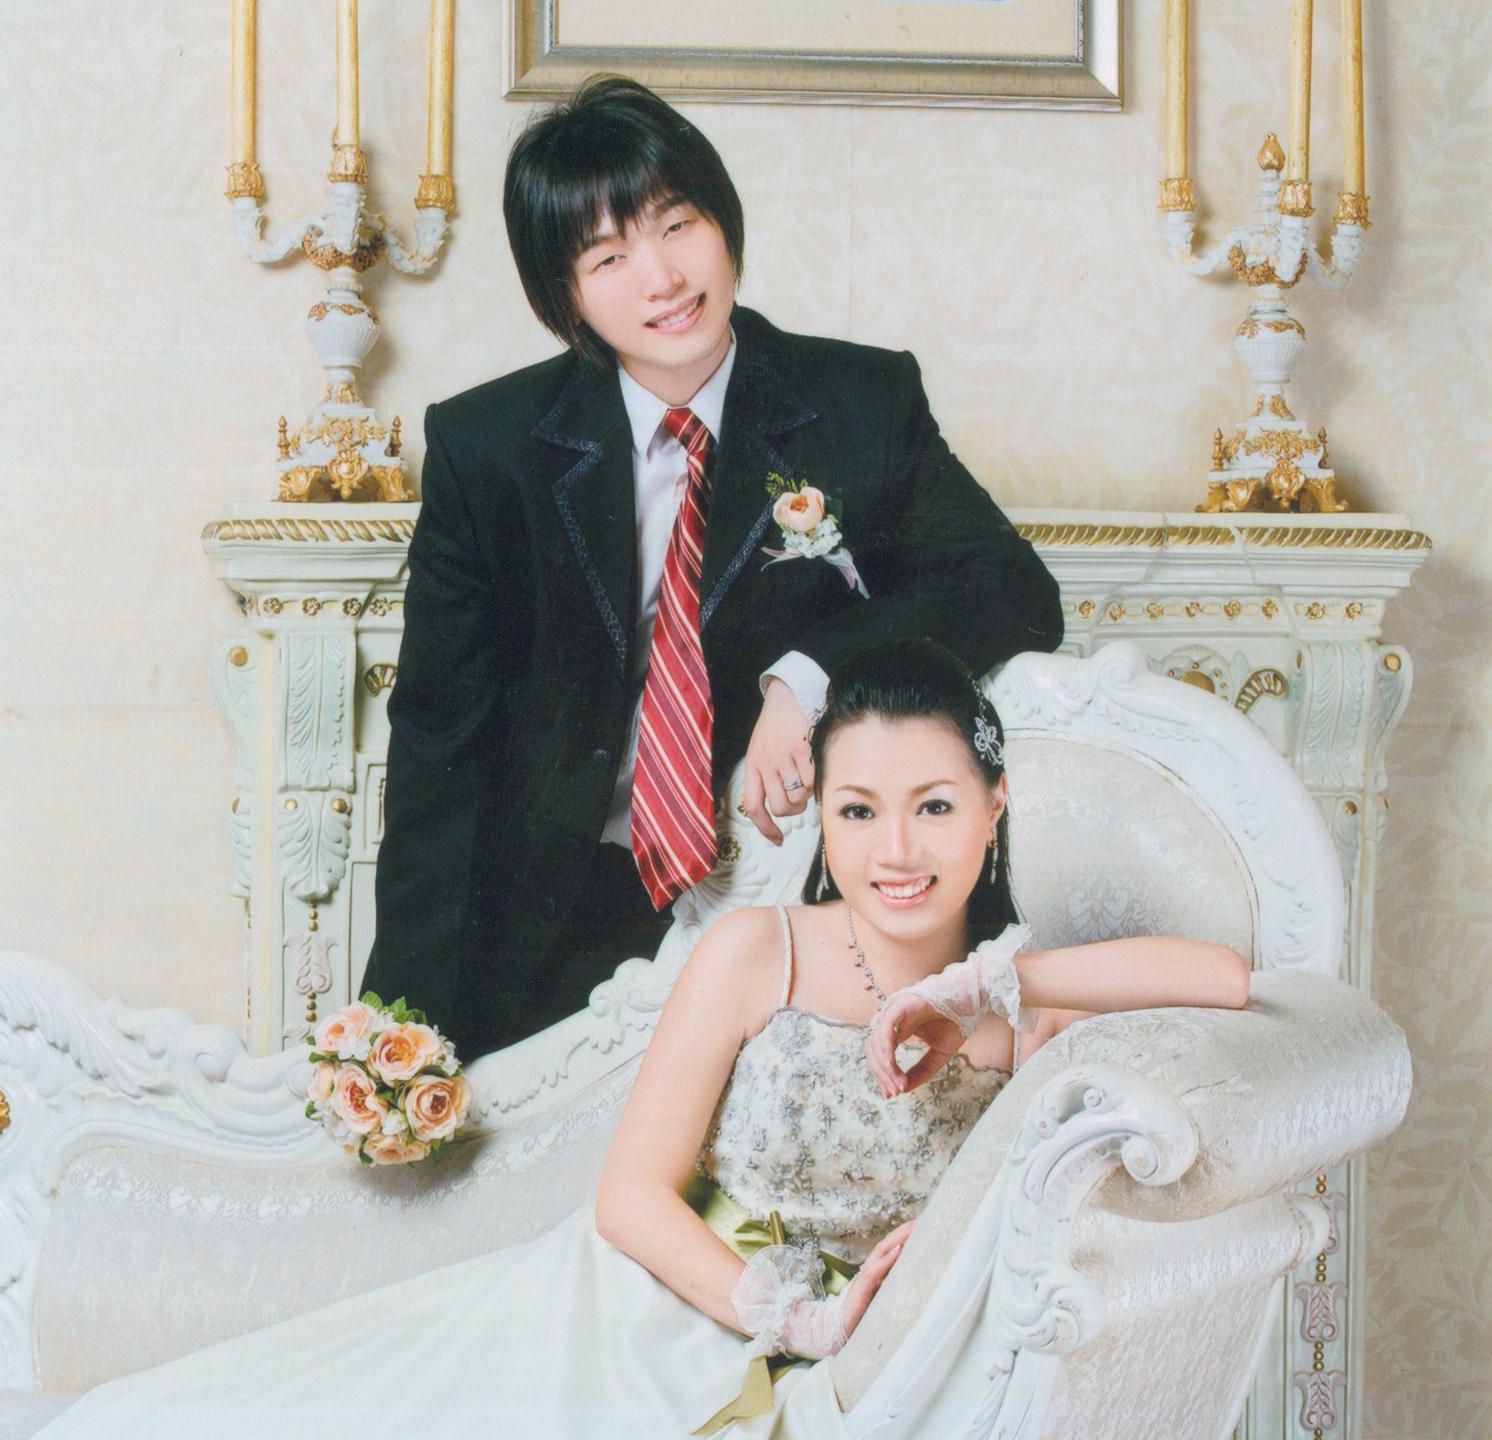 ベトナム人との国際結婚はイノセントスマイルで